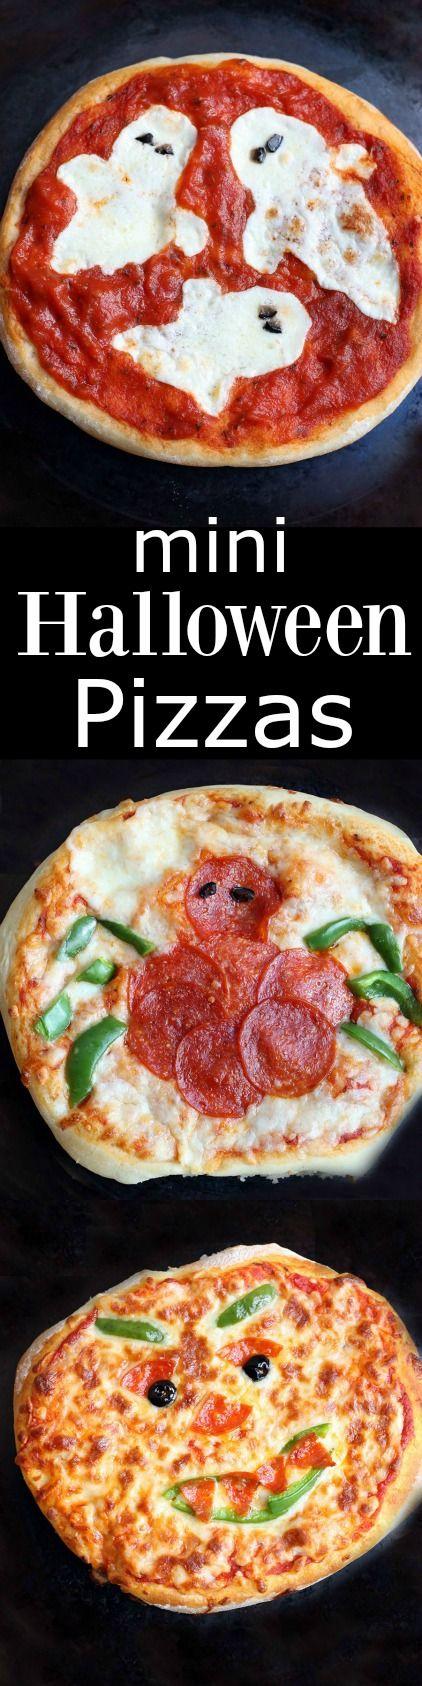 Mini halloween pizzas recipe easy halloween dinner ideas and mini halloween pizzas recipe easy halloween dinner ideas and pizzas forumfinder Choice Image